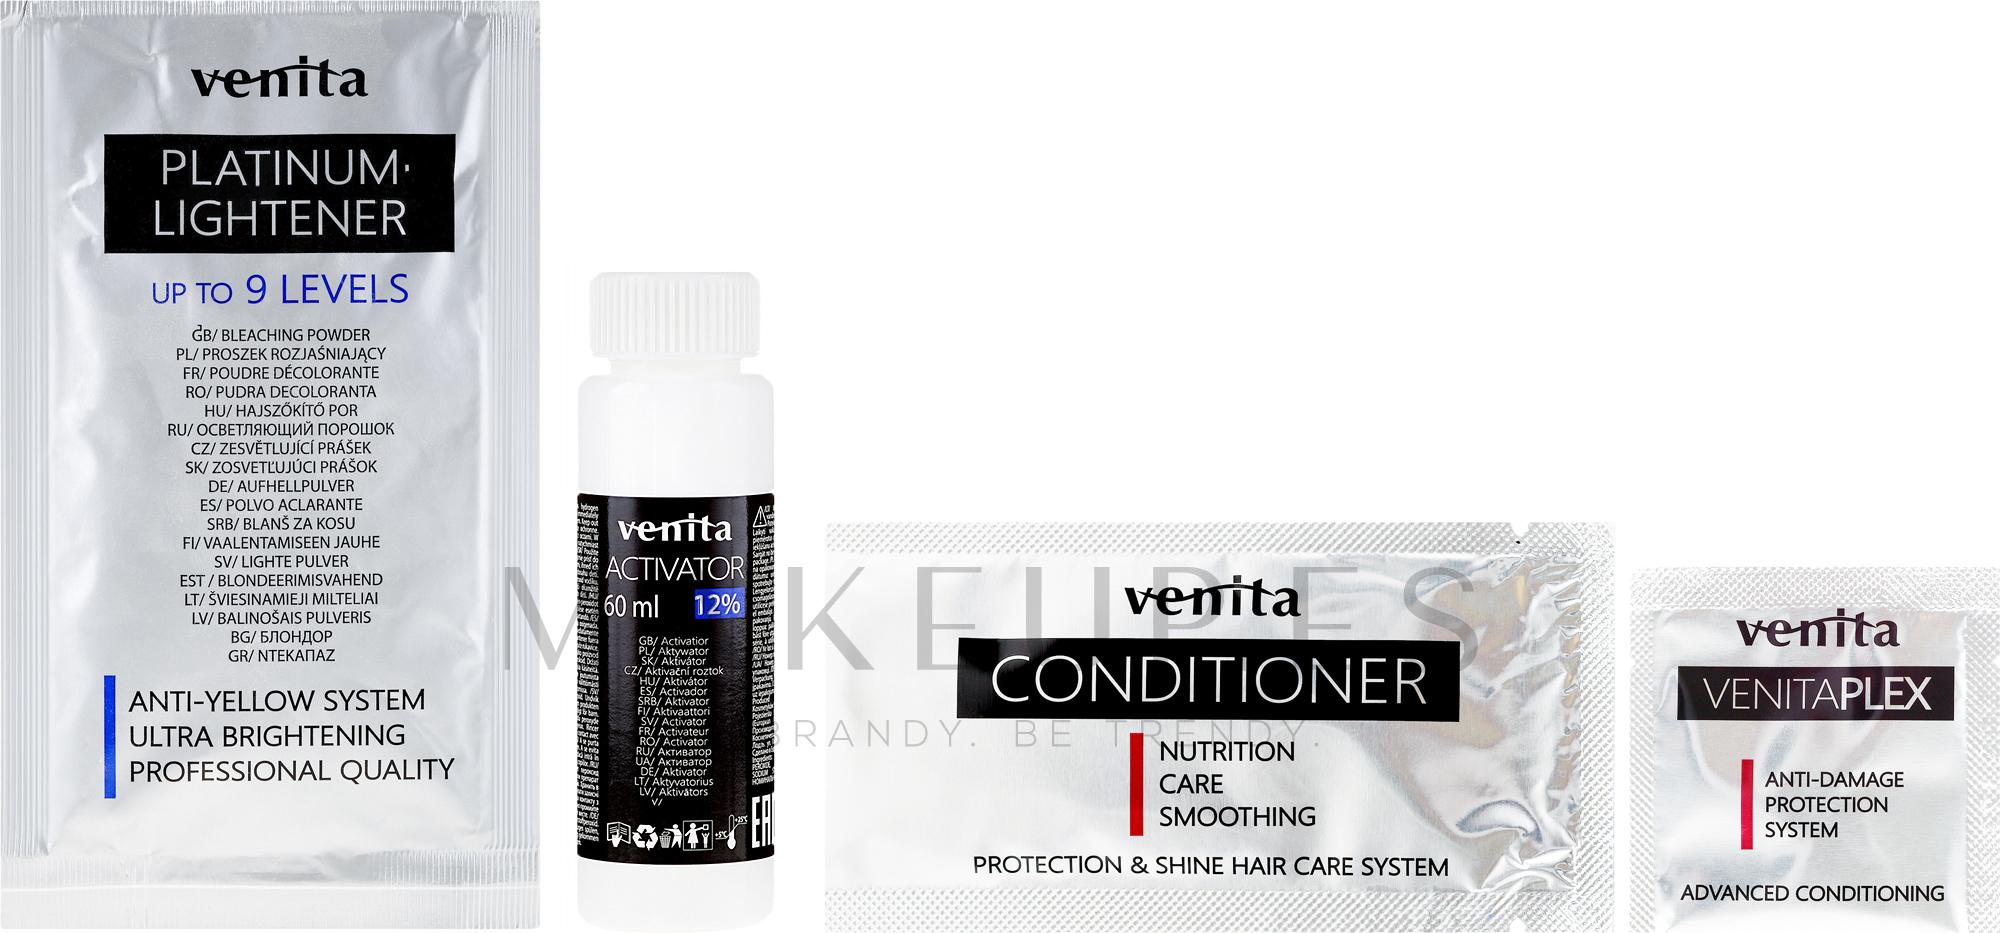 Decolorante hasta 9 tonos - Venita Plex Platinum Lightener — imagen 10.01 - Ash Blond